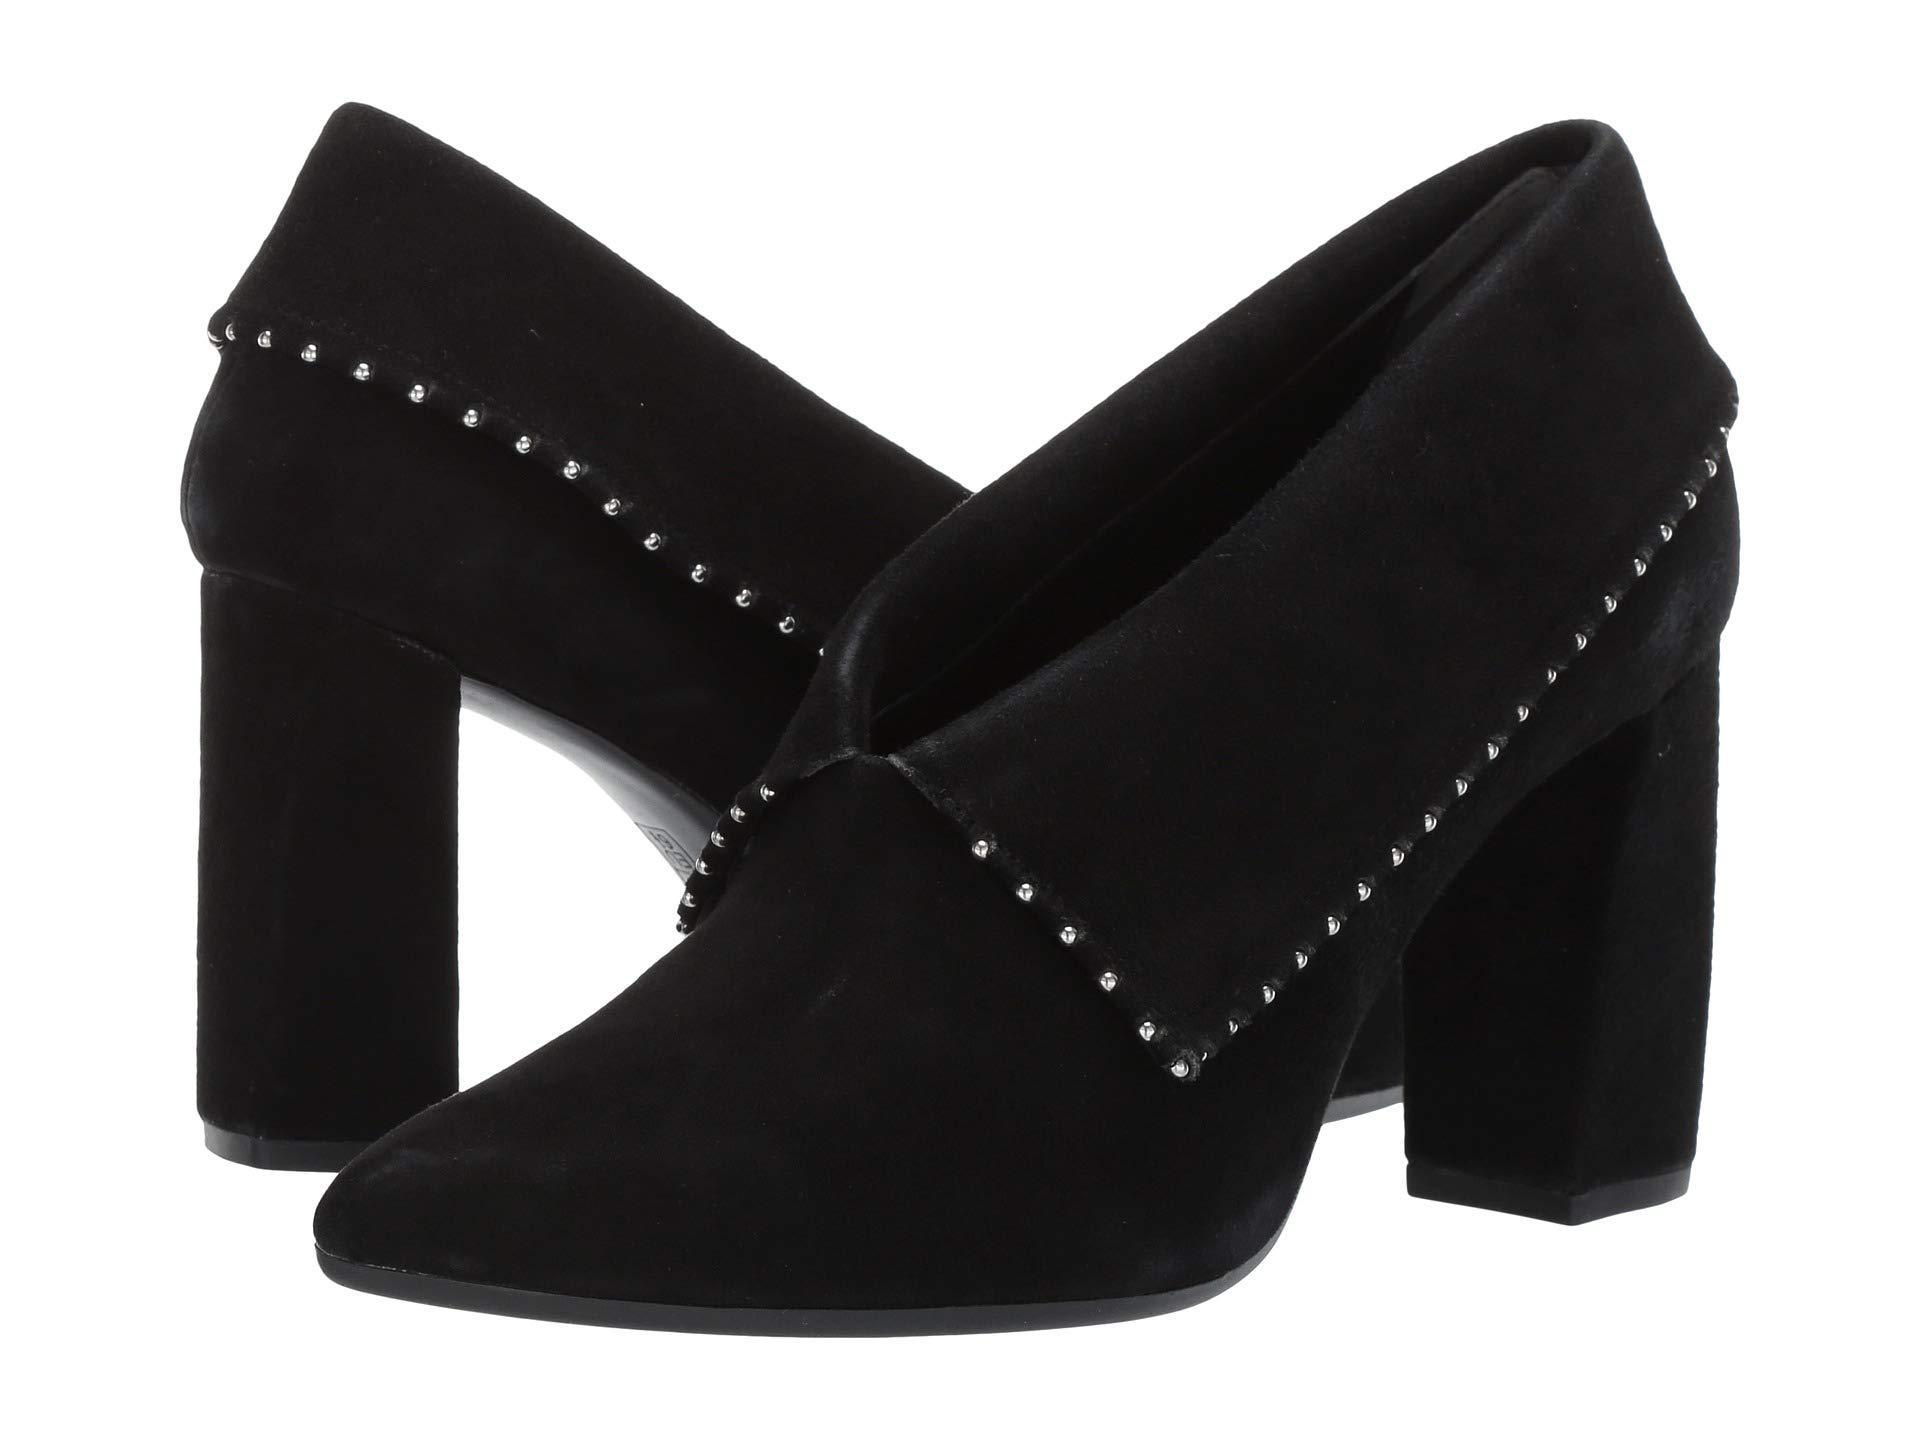 b78a3fe72e6 Lyst - Aerosoles Wordsmith (wine Suede) Women s Shoes in Black